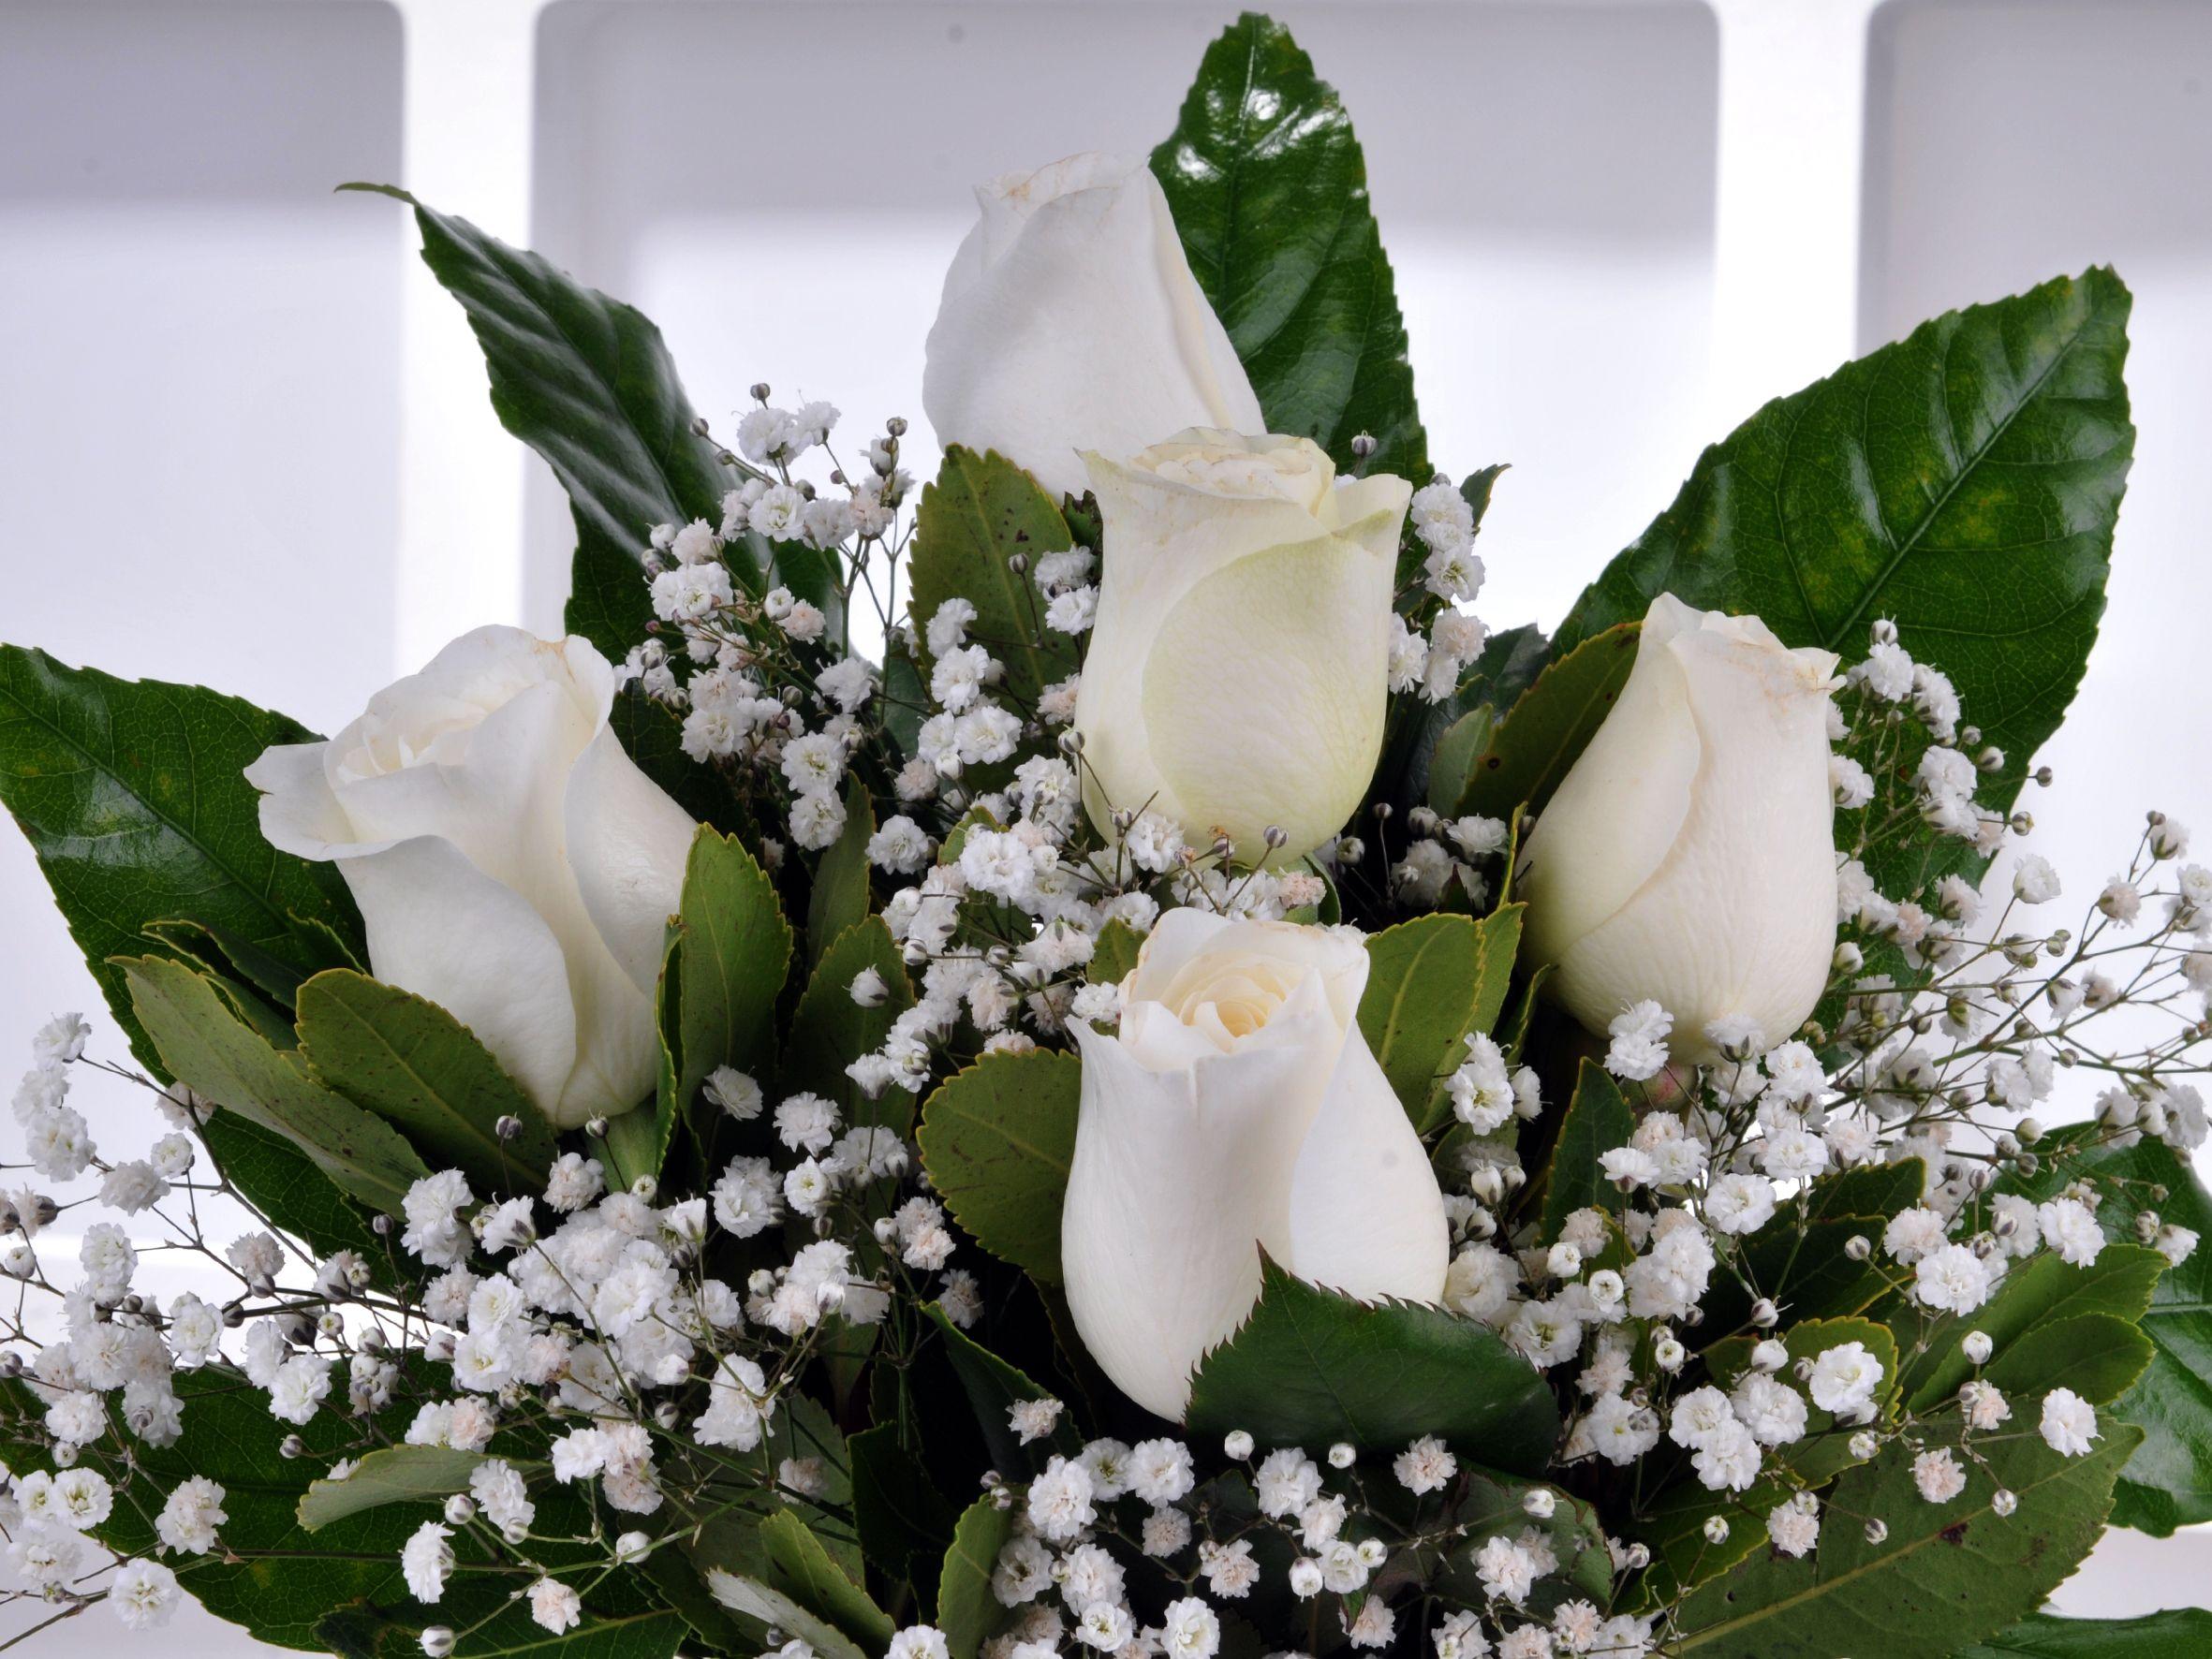 Vazoda 5 Beyaz Gül Aranjmanı Aranjmanlar çiçek gönder